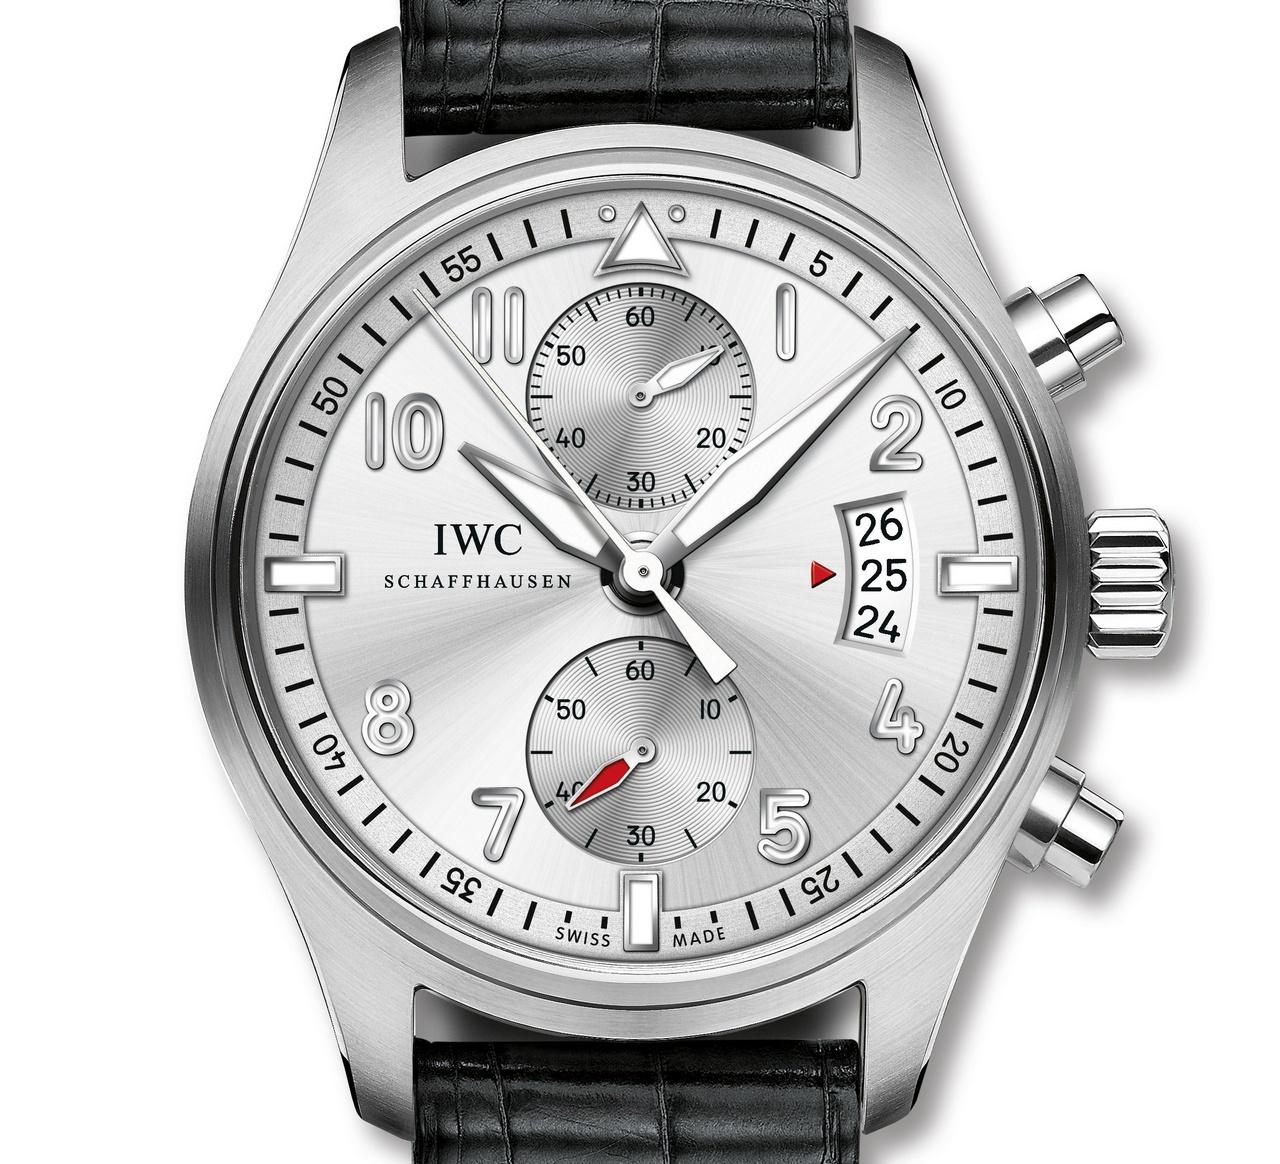 IWC JU-AIR